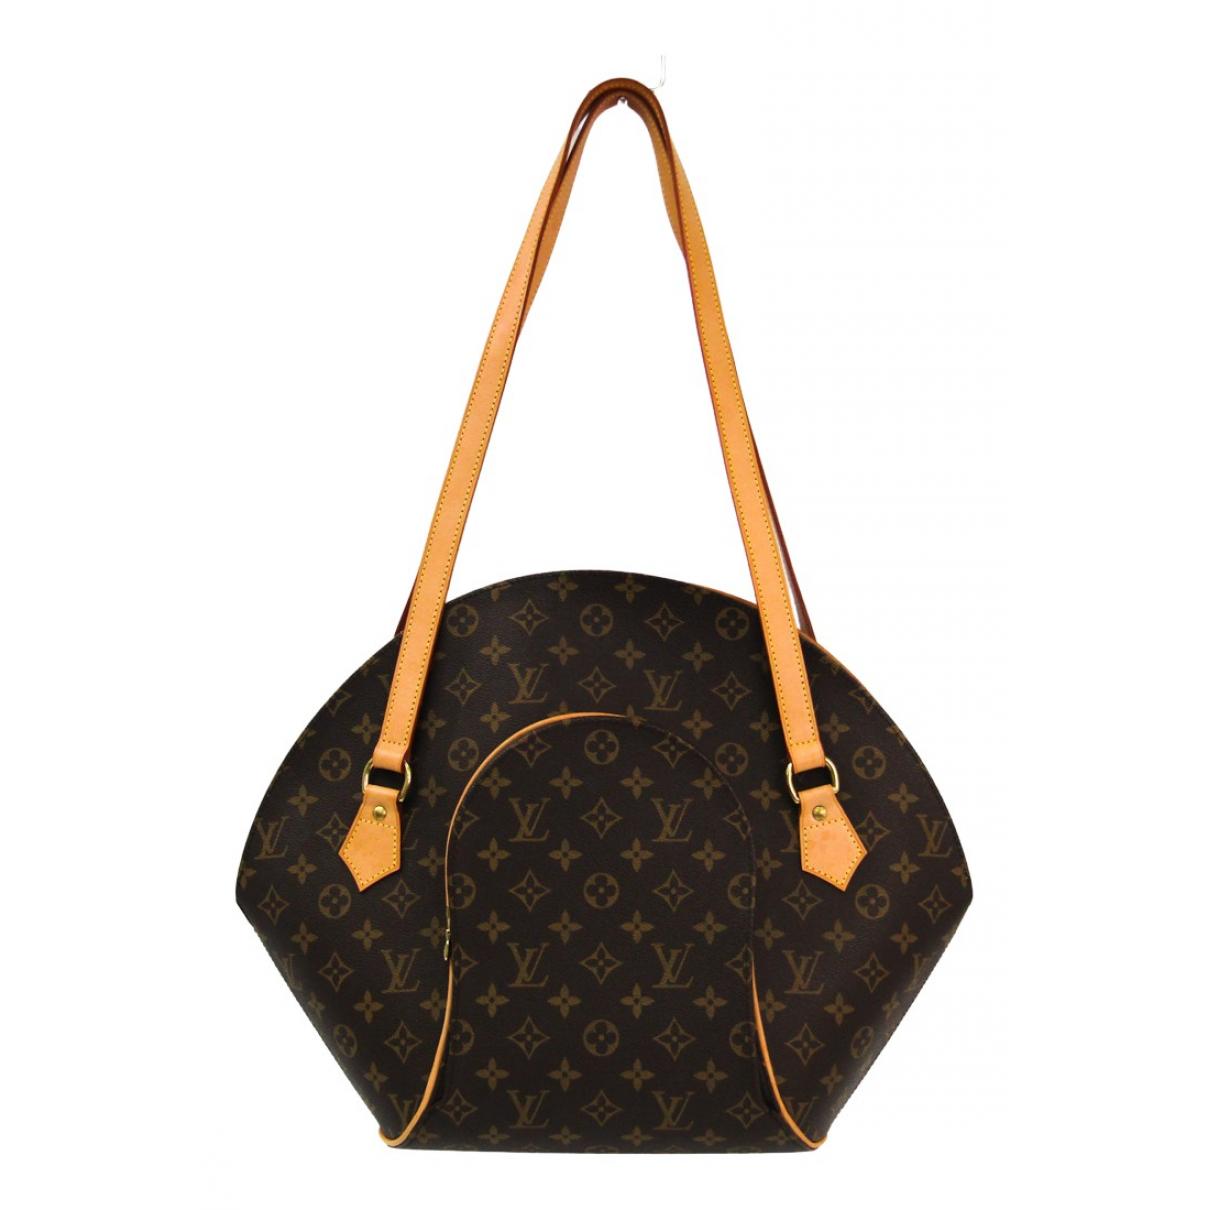 Louis Vuitton - Sac a main Ellipse pour femme en toile - marron